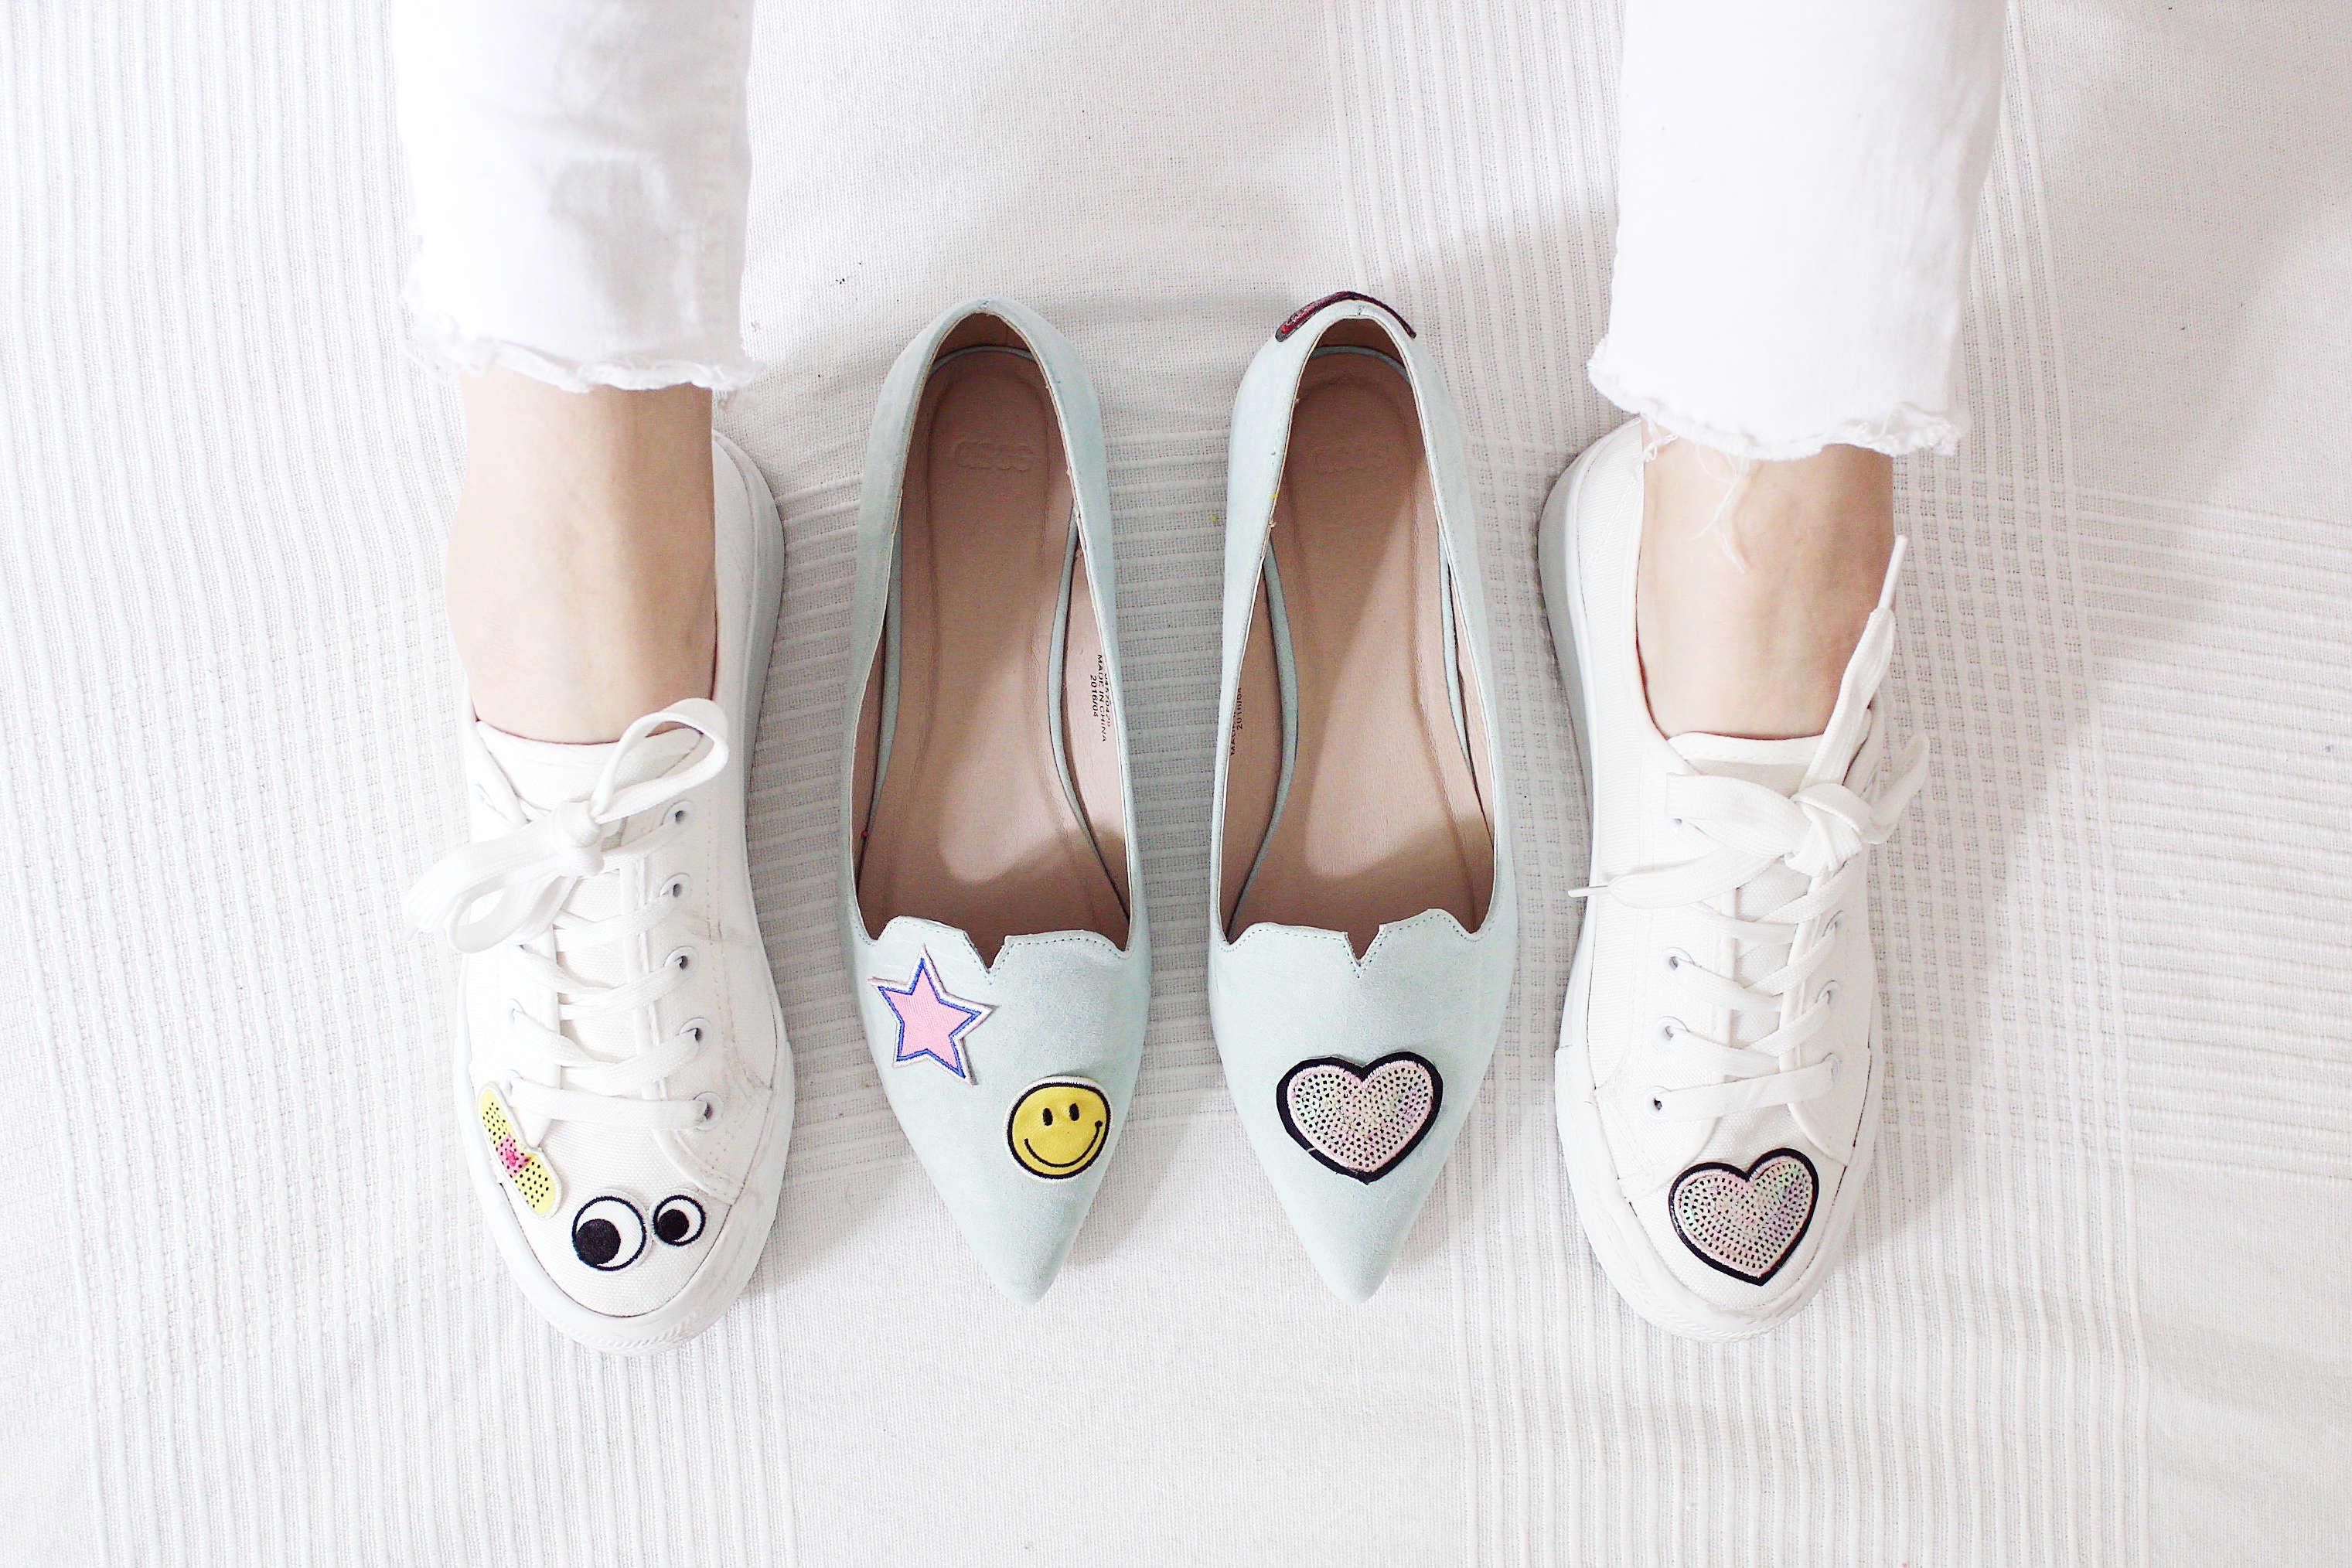 Schuhe-verzieren